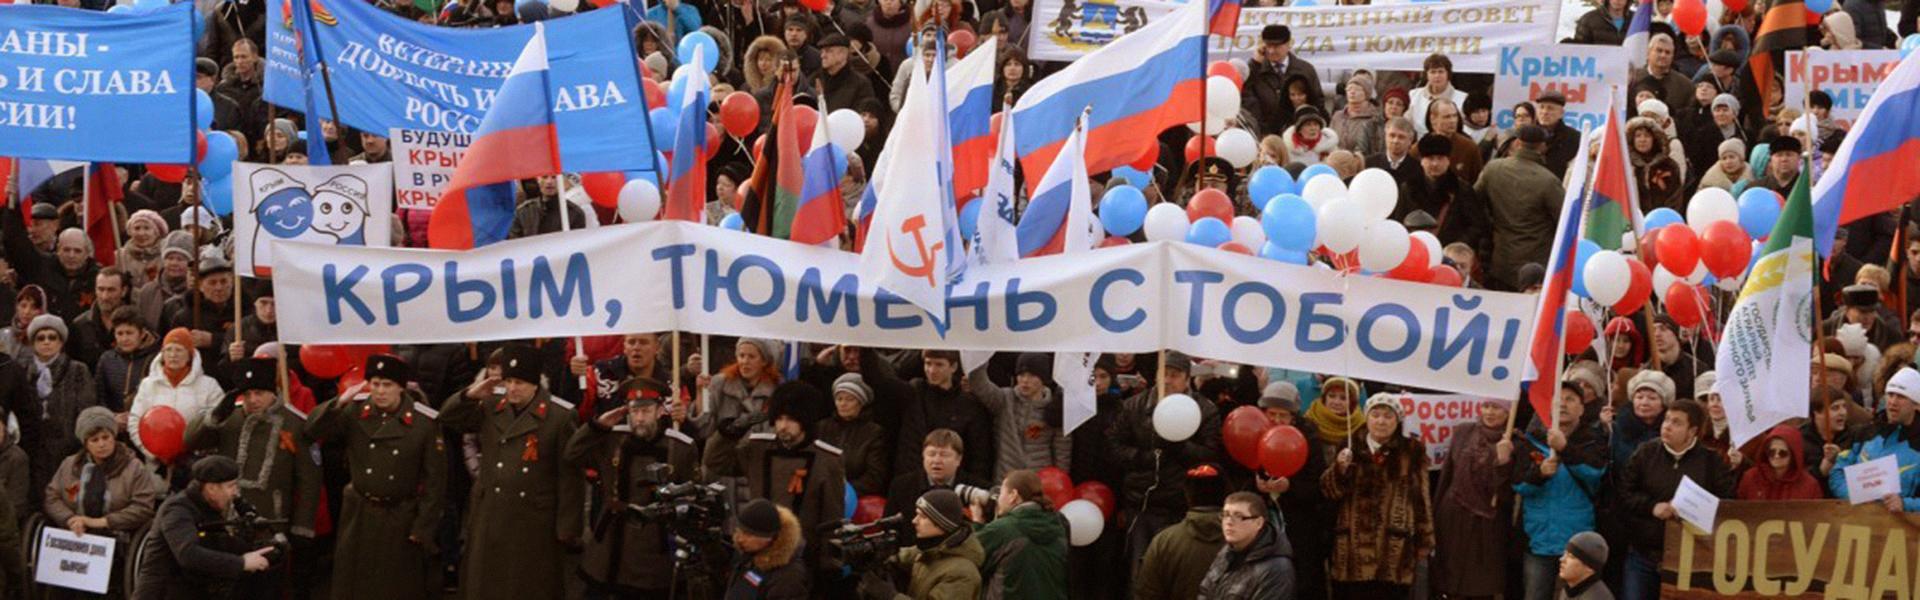 Крымское похмелье: время собирать камни